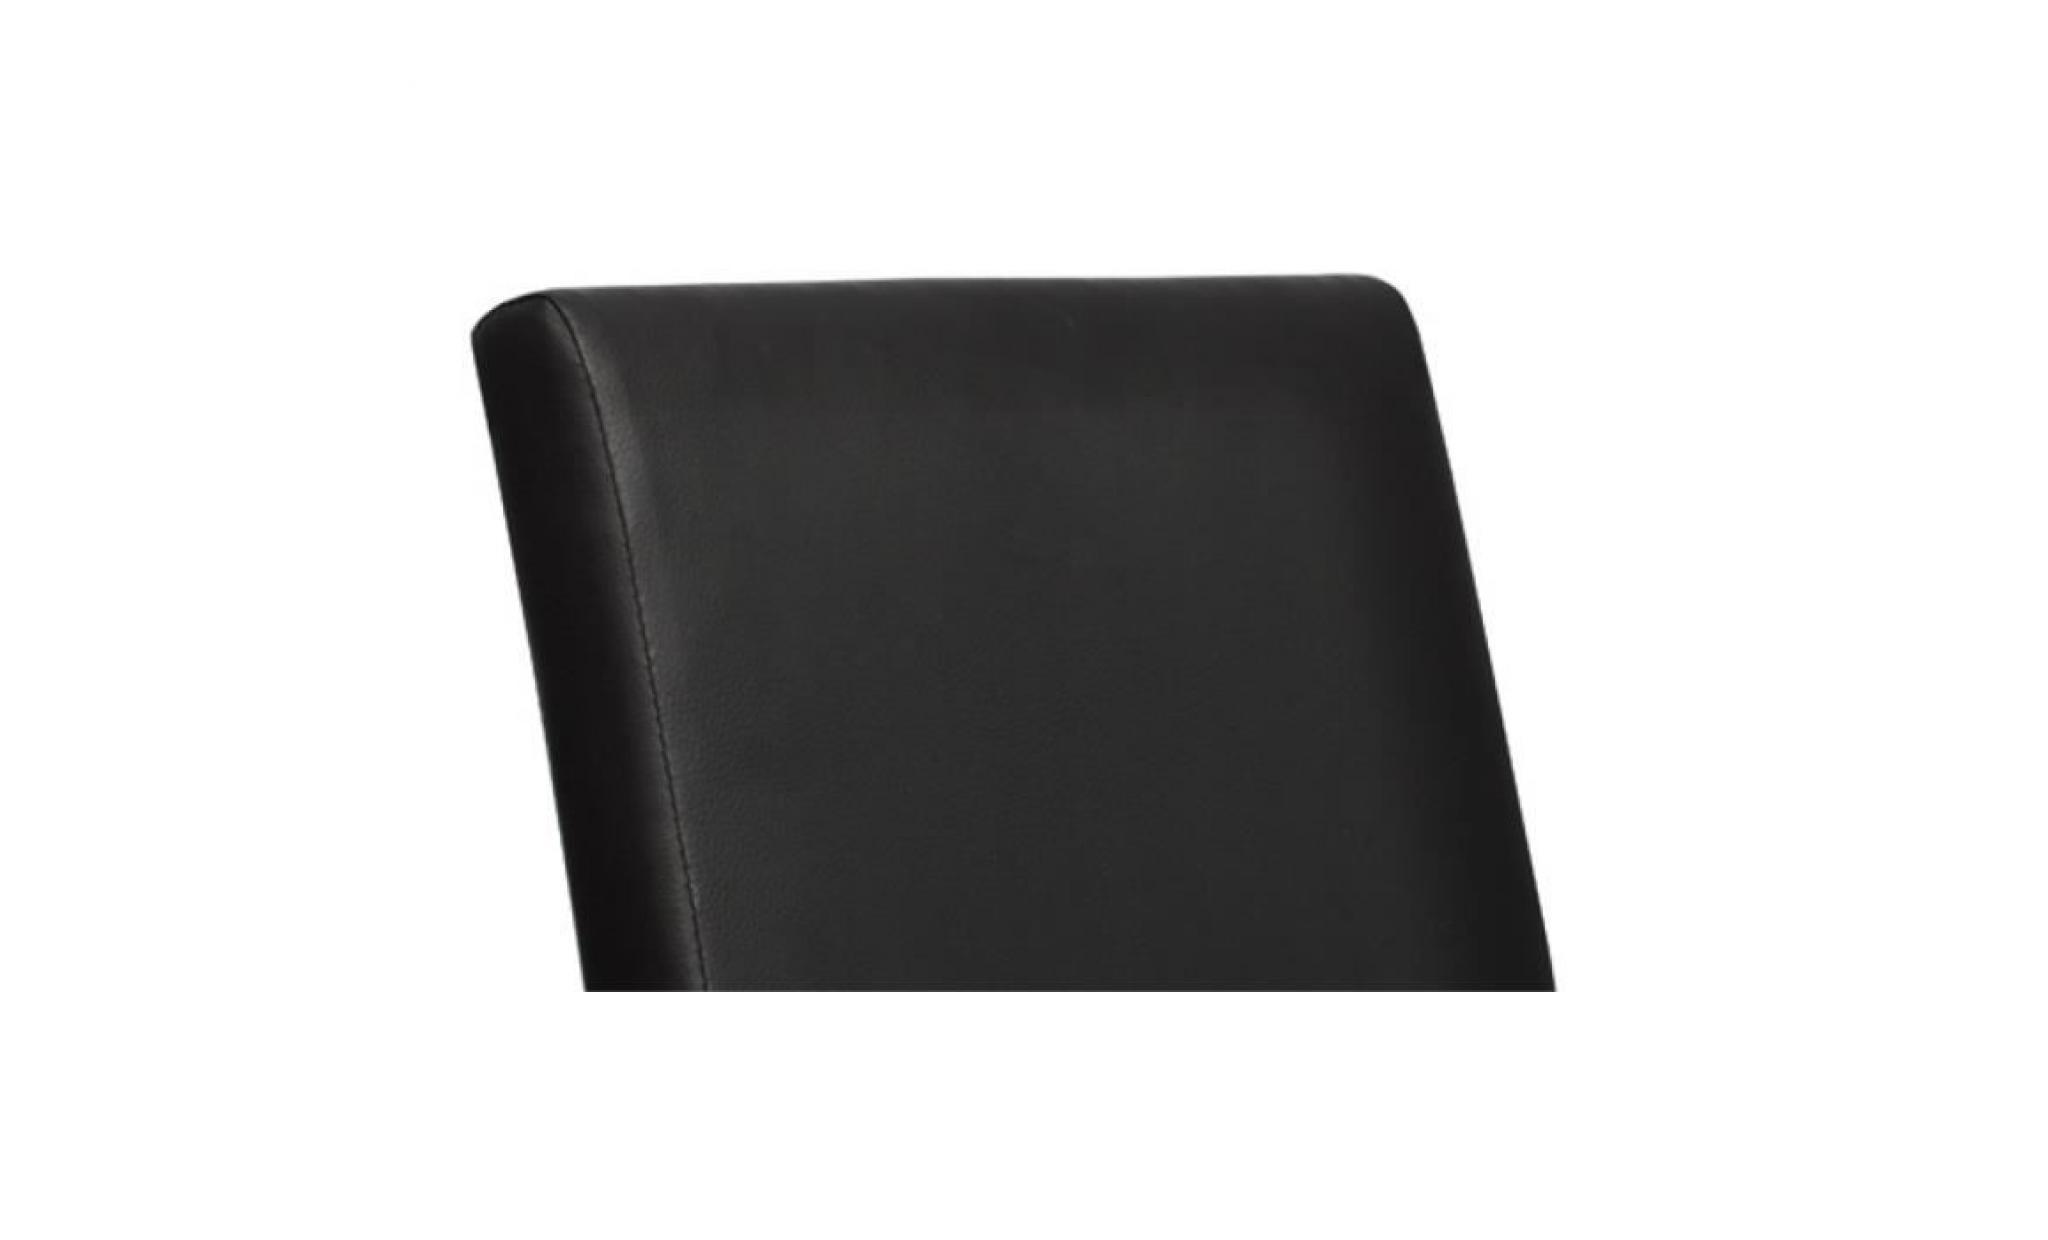 Chaise design classique noire lot de 4 achat vente for Chaise salle manger pas cher lot 4